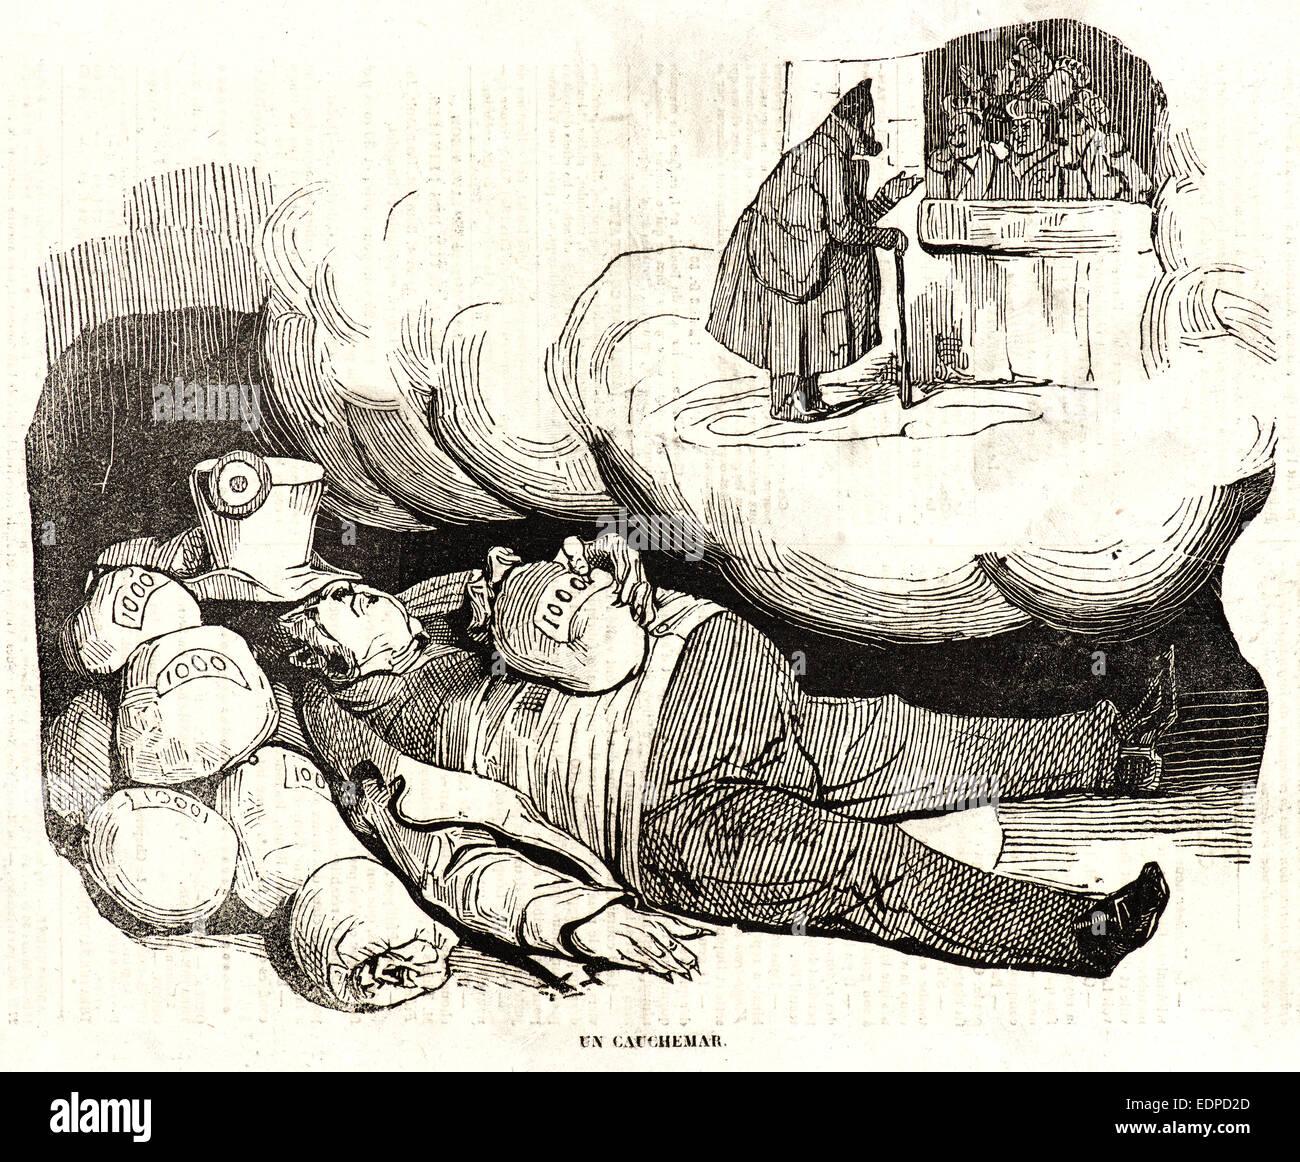 Honoré Daumier (Französisch, 1808-1879). UN Cauchemar, 1834. Holzschnitt auf Zeitungspapier Stockbild